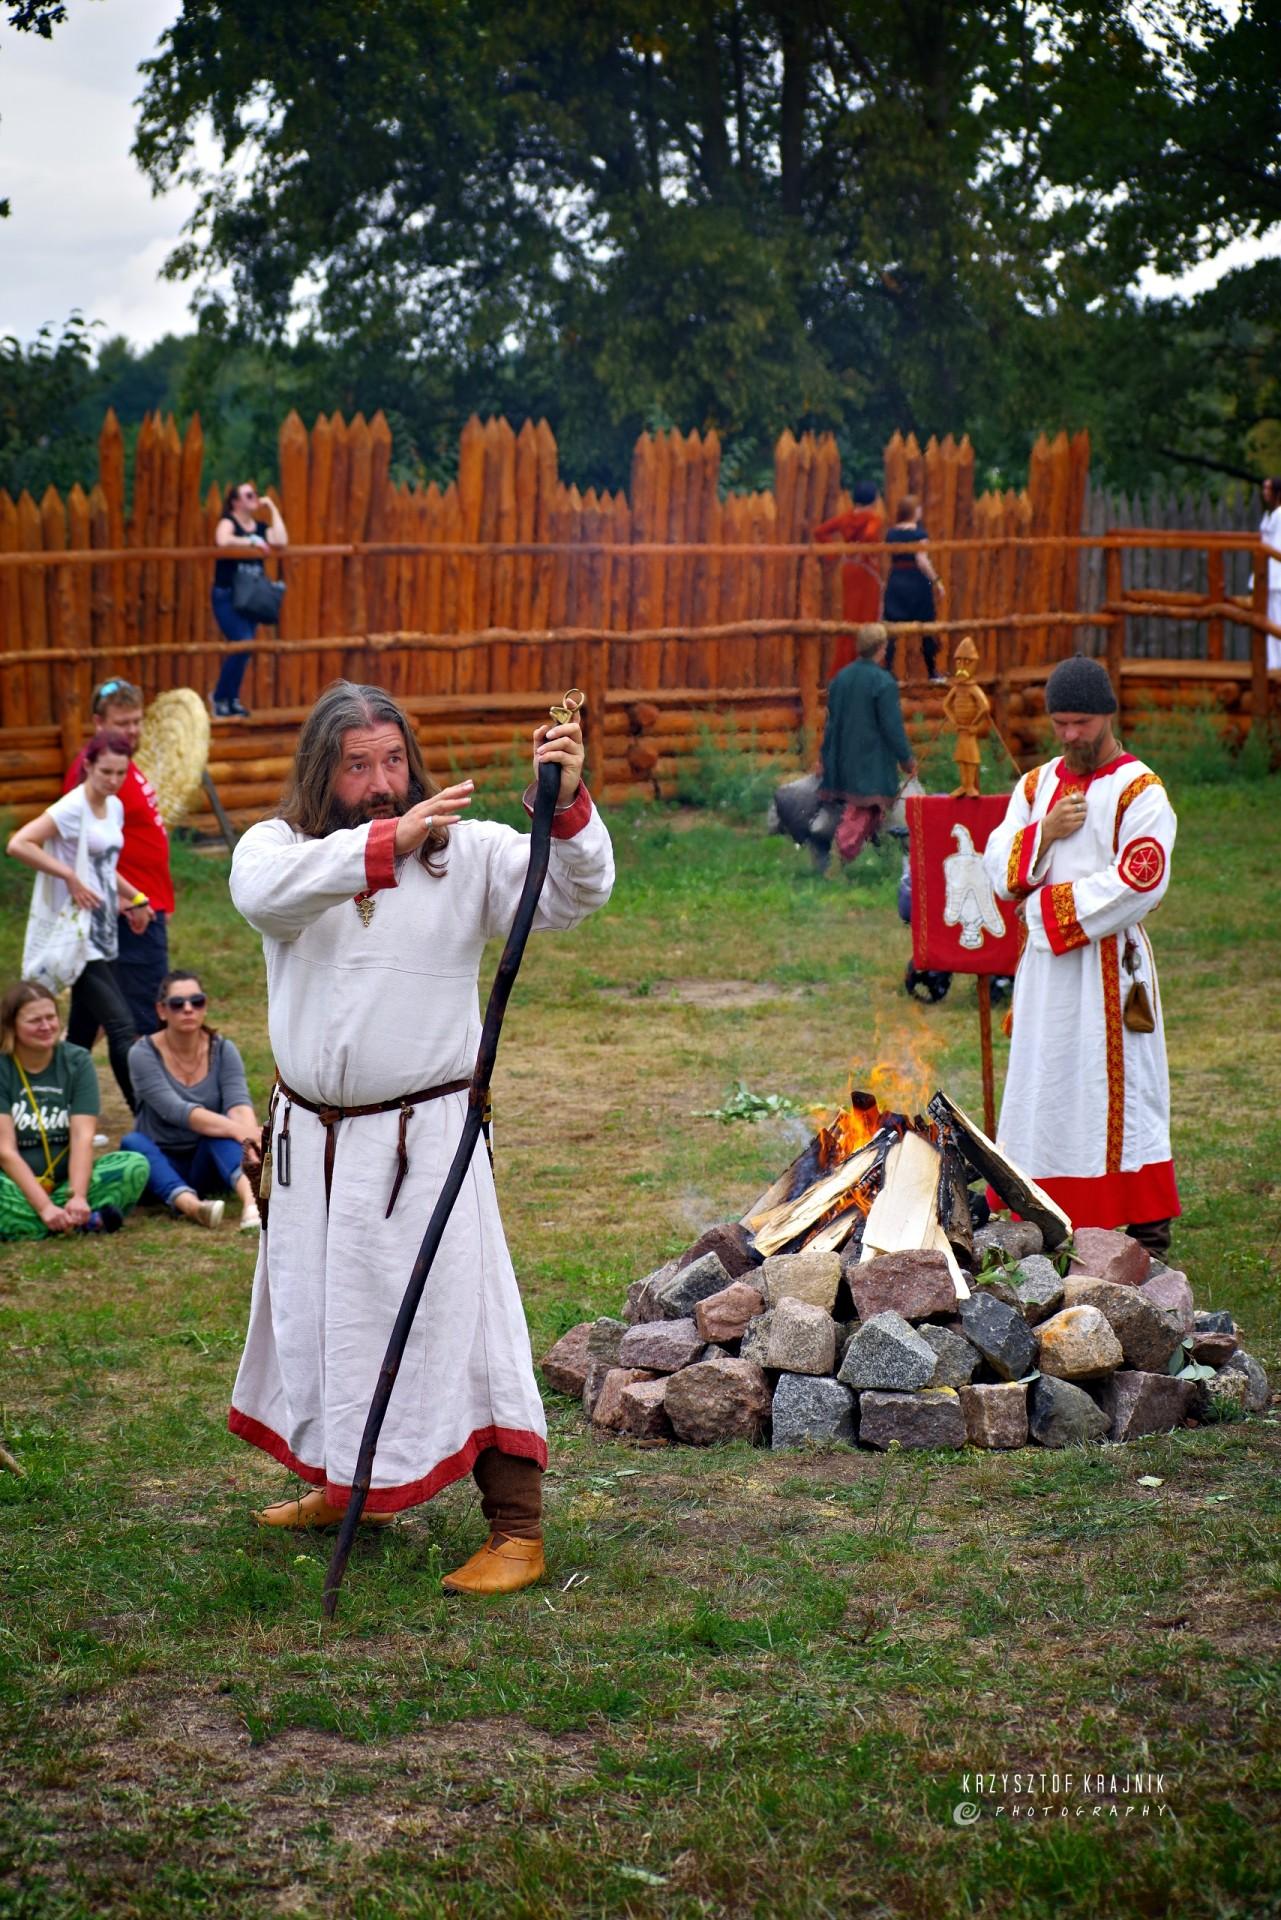 Festiwal Mitologii Słowiańskiej za nami. Jak było? [FOTOREPORTAŻ] 7